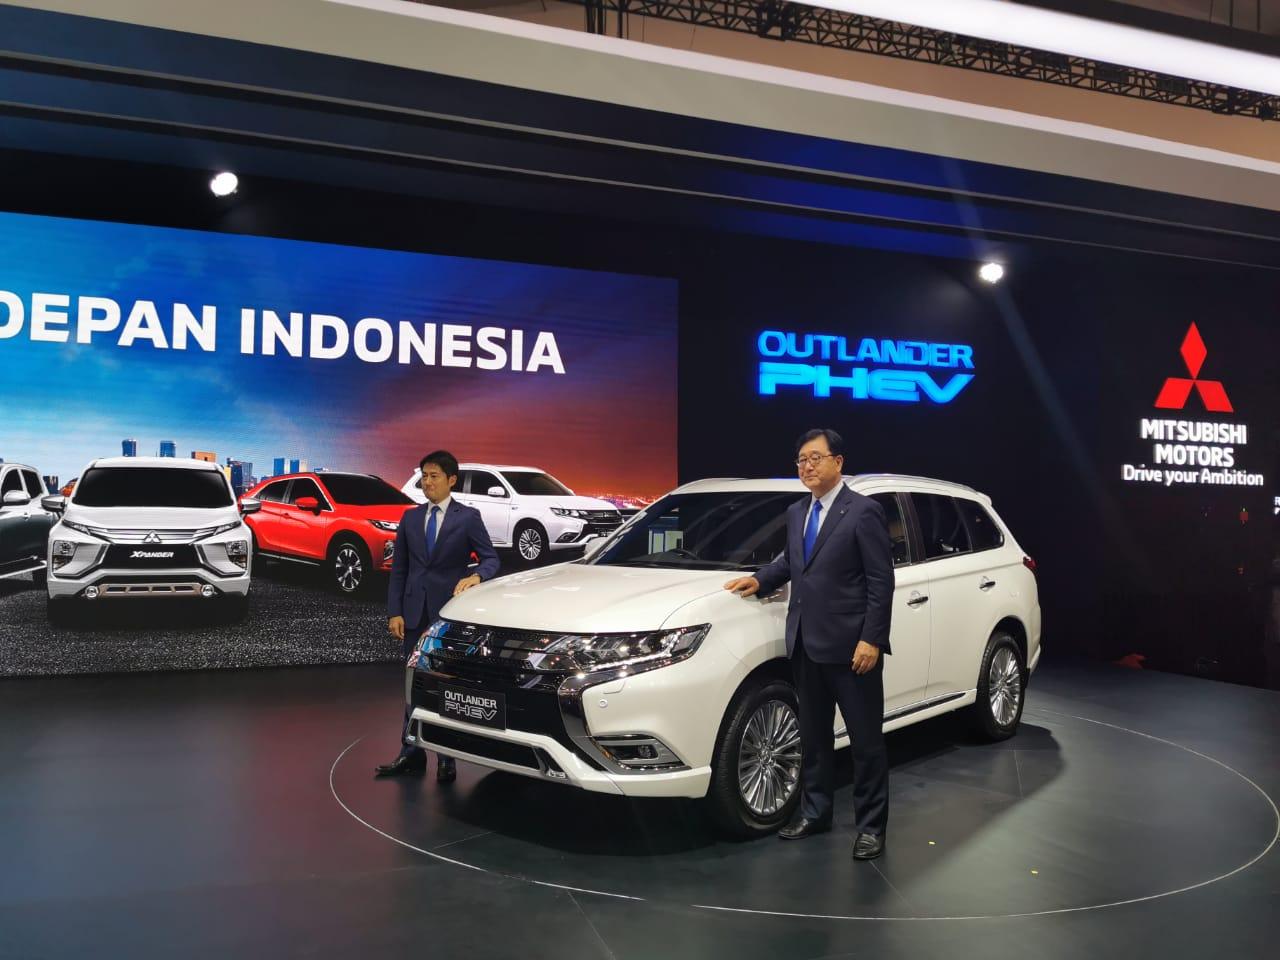 Mitsubishi Pajero Sport Edisi Terbatas Bisa Dipesan di Dealer, Cuma Ada 1.000 Unit